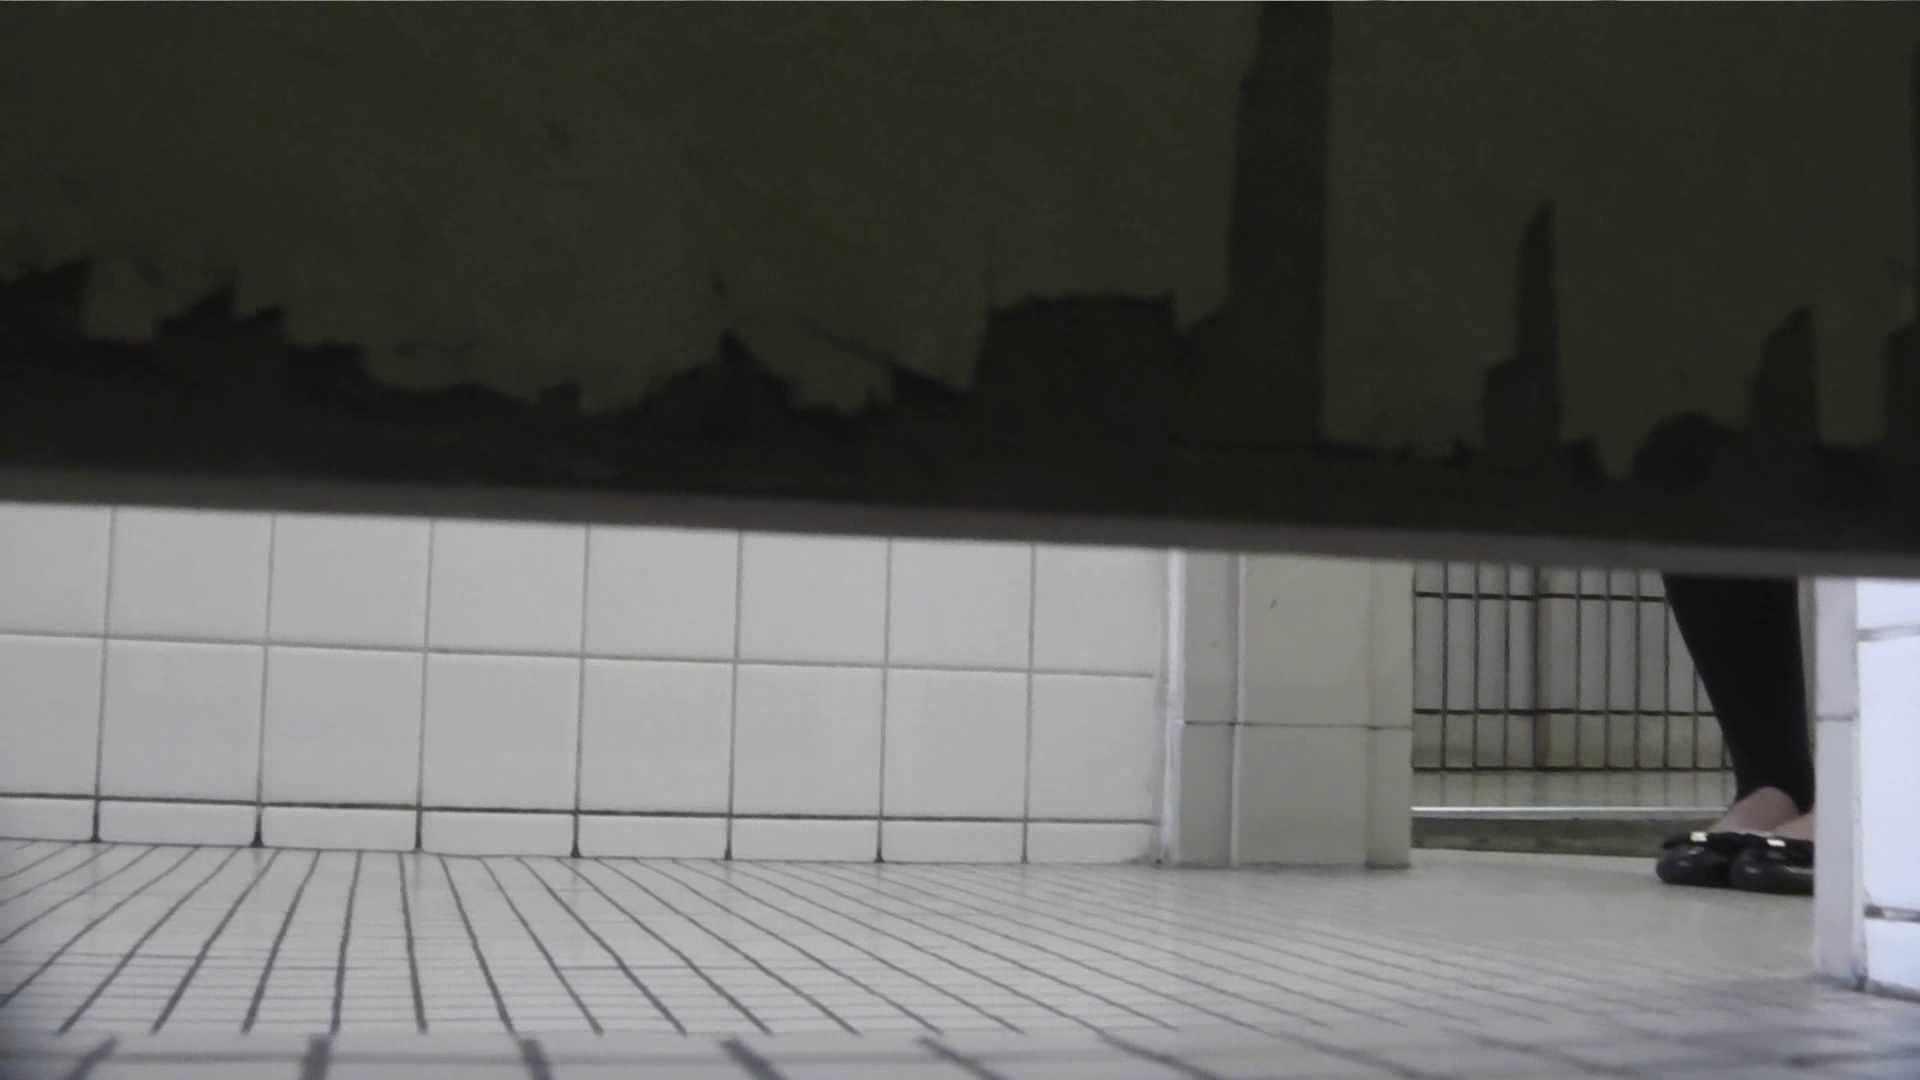 【美しき個室な世界】 vol.018 ピンクのおネエタン 洗面所   0  48画像 39